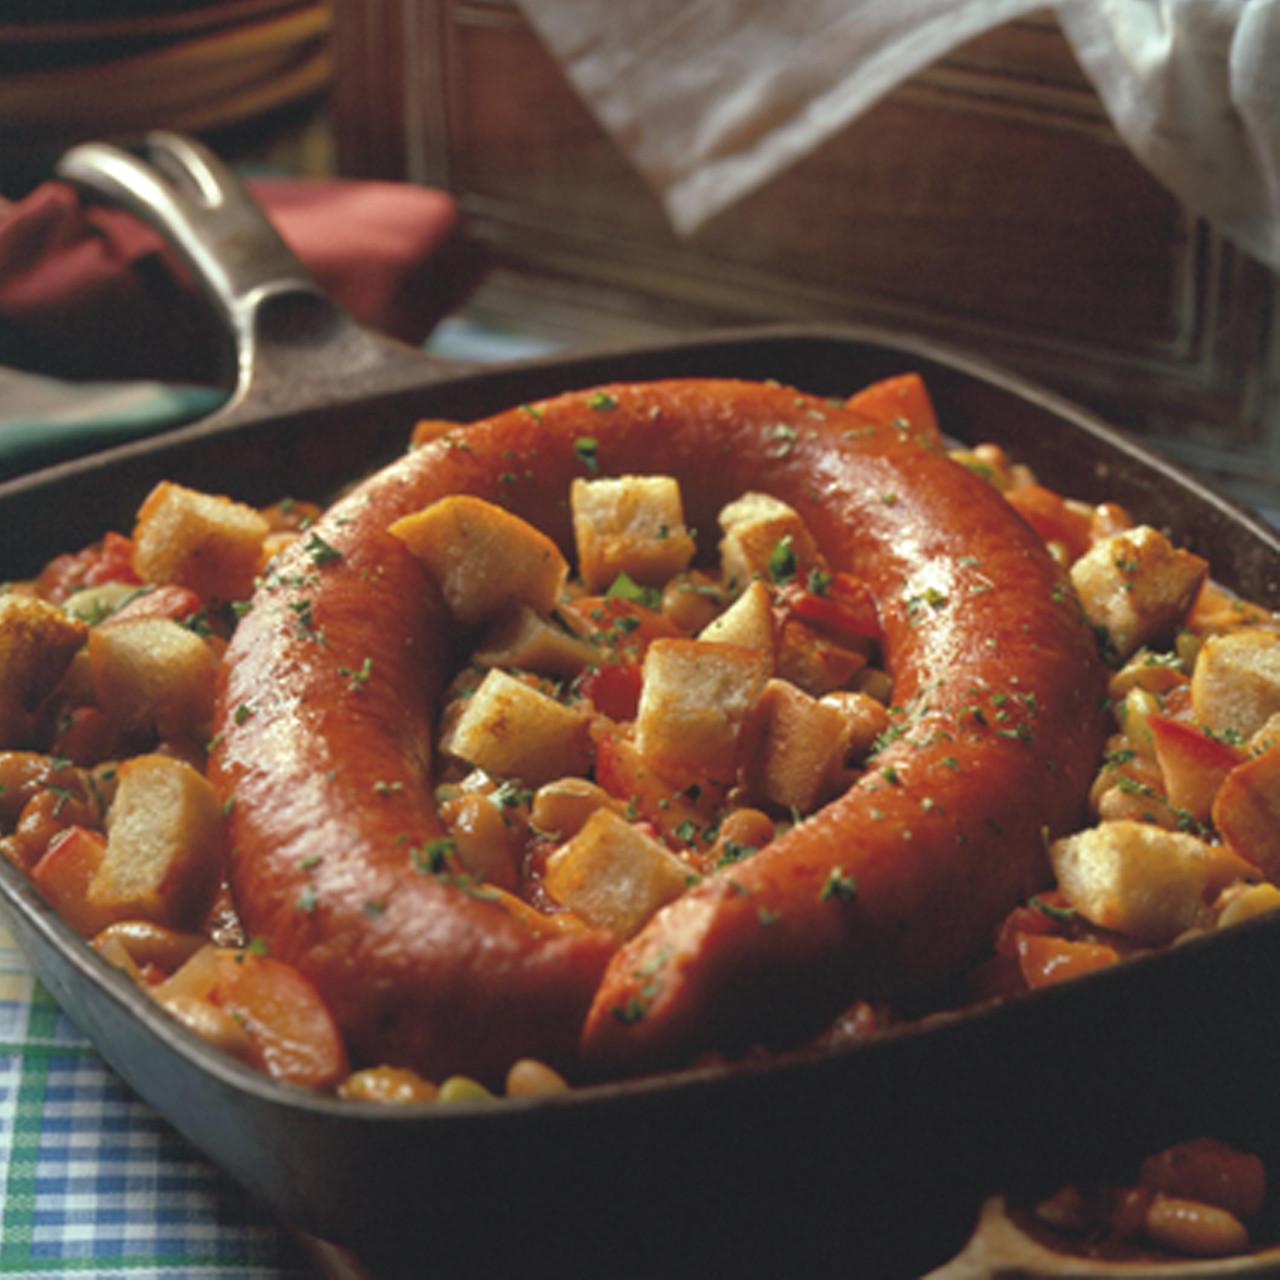 Polish Sausage Kit